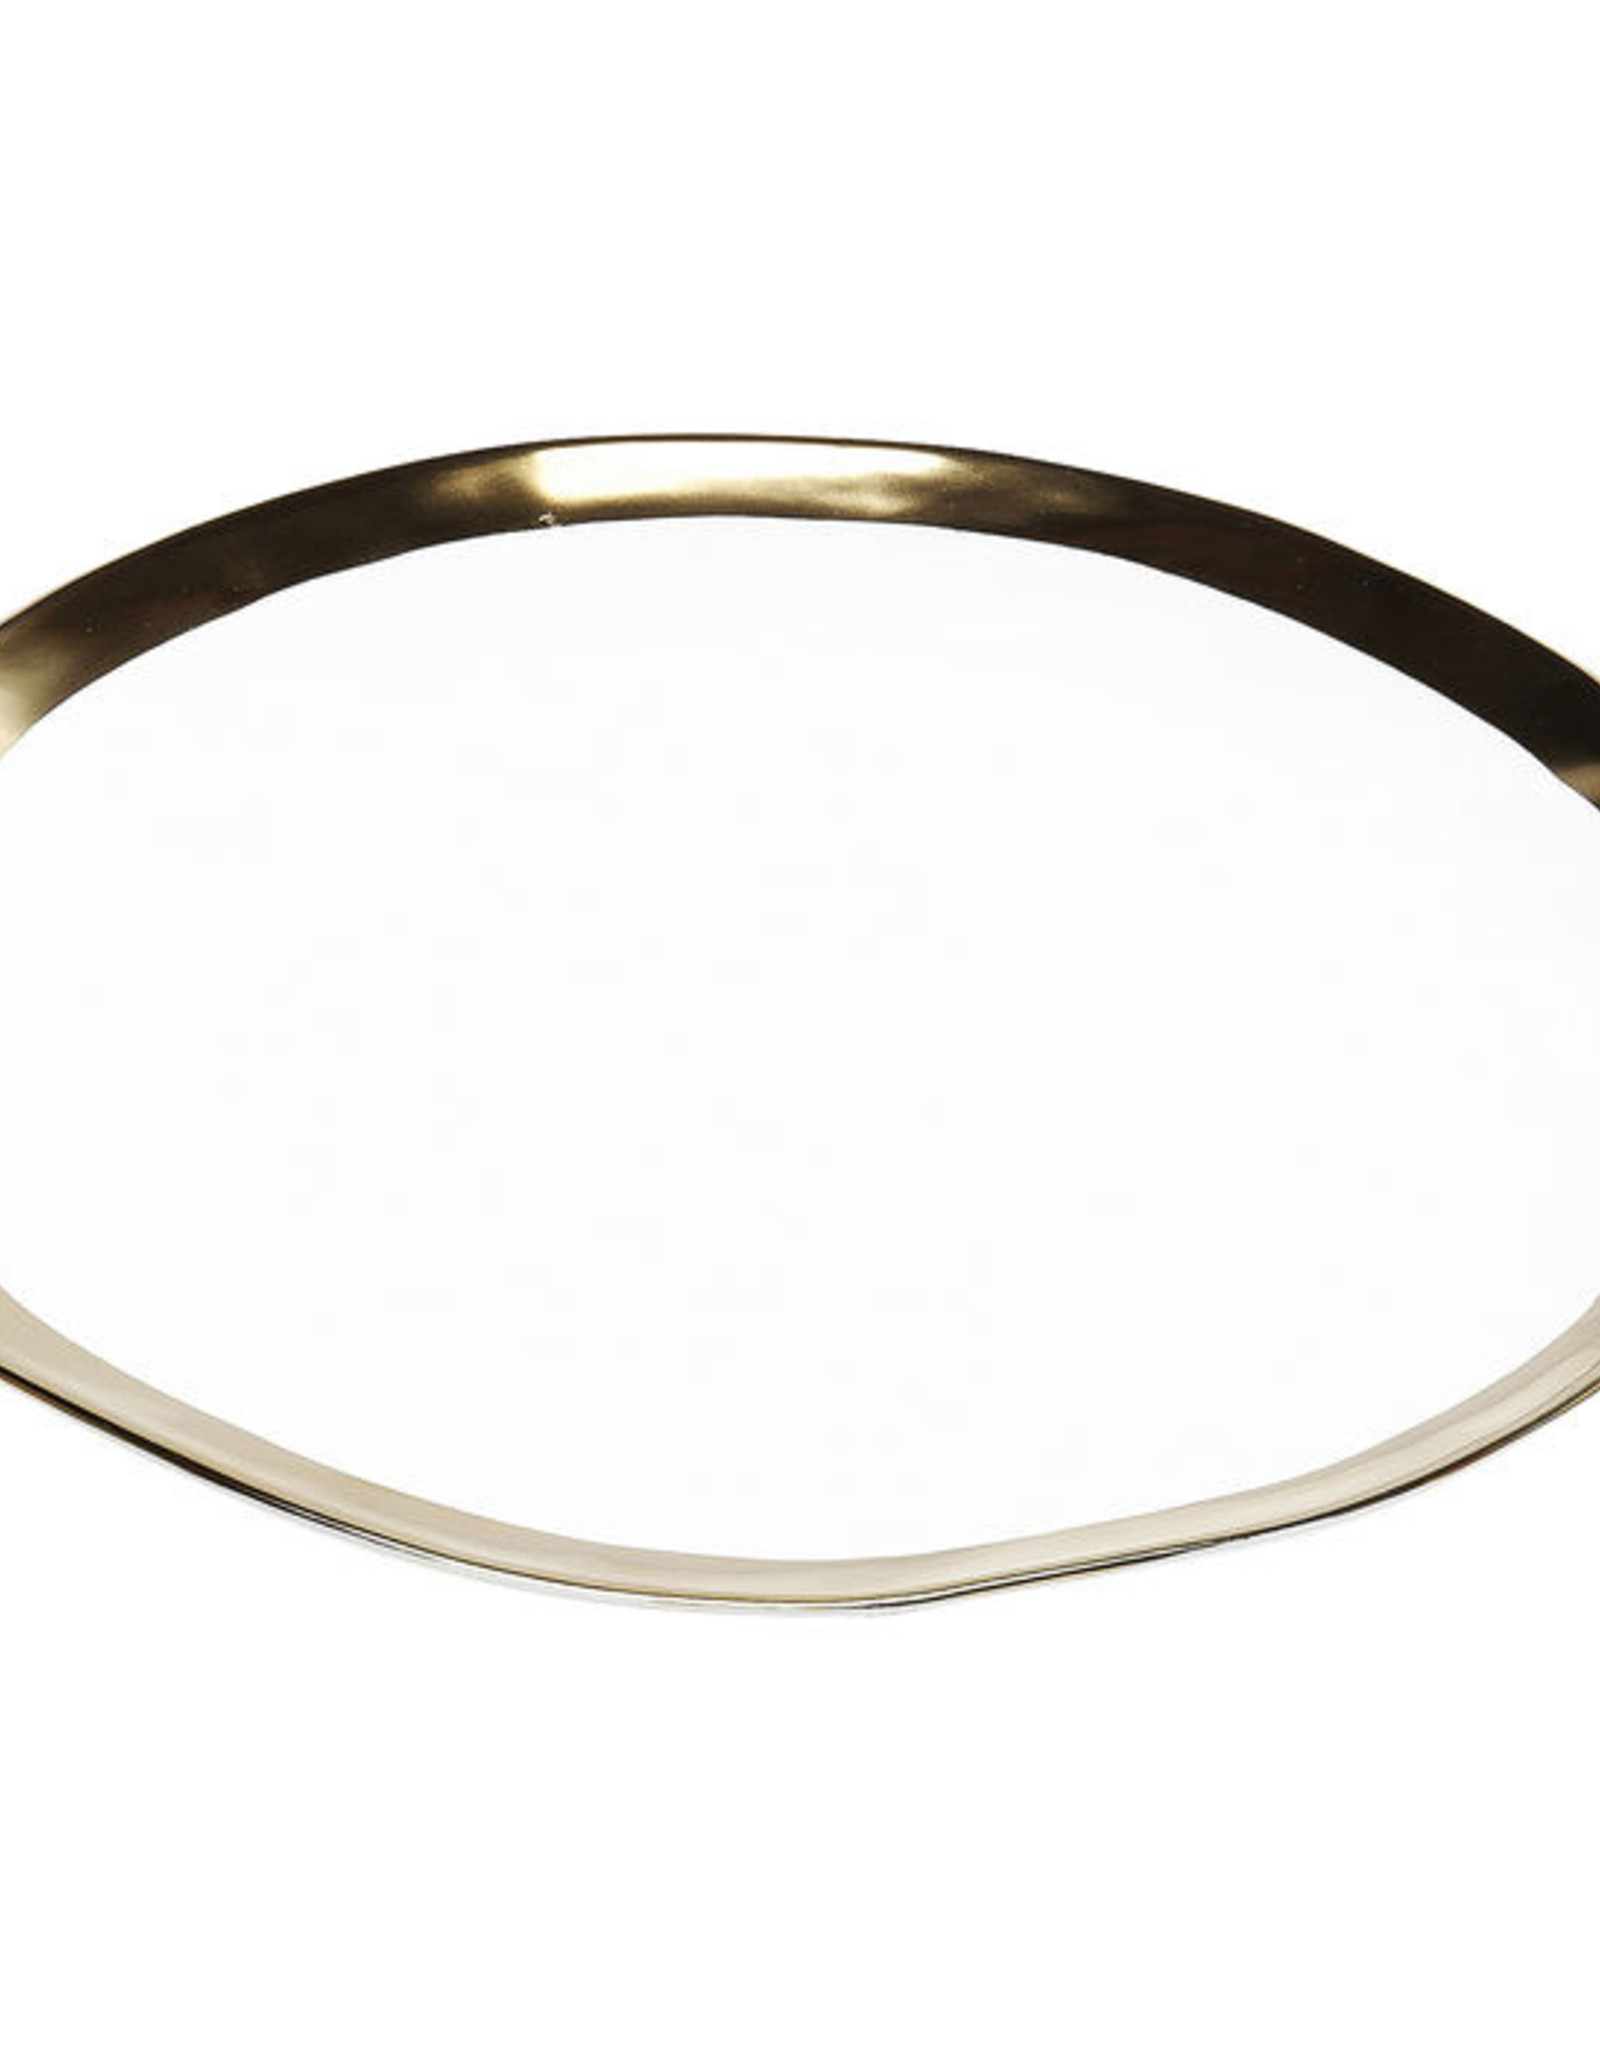 KARE DESIGN Plate Bell Ø25cm